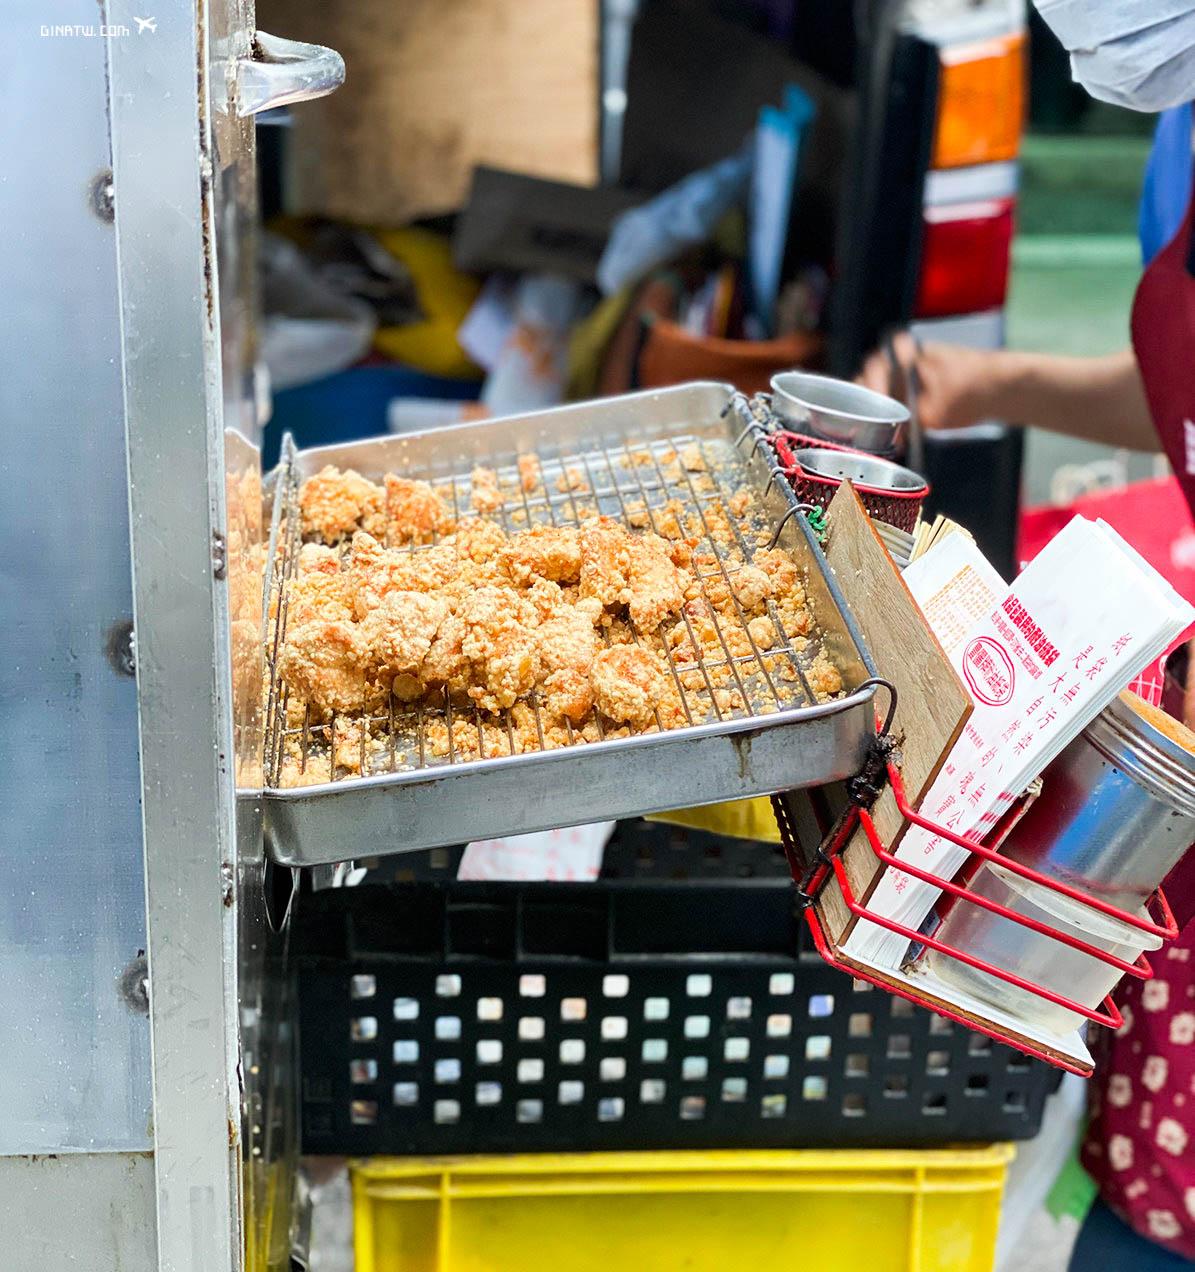 【善導寺站美食】街頭餐車美食|獨特醬汁一志雞排、生煎包、水煎包、大腸麵線粥品(近開南商工、外交部、立法院、國立台北商業大學) @GINA環球旅行生活